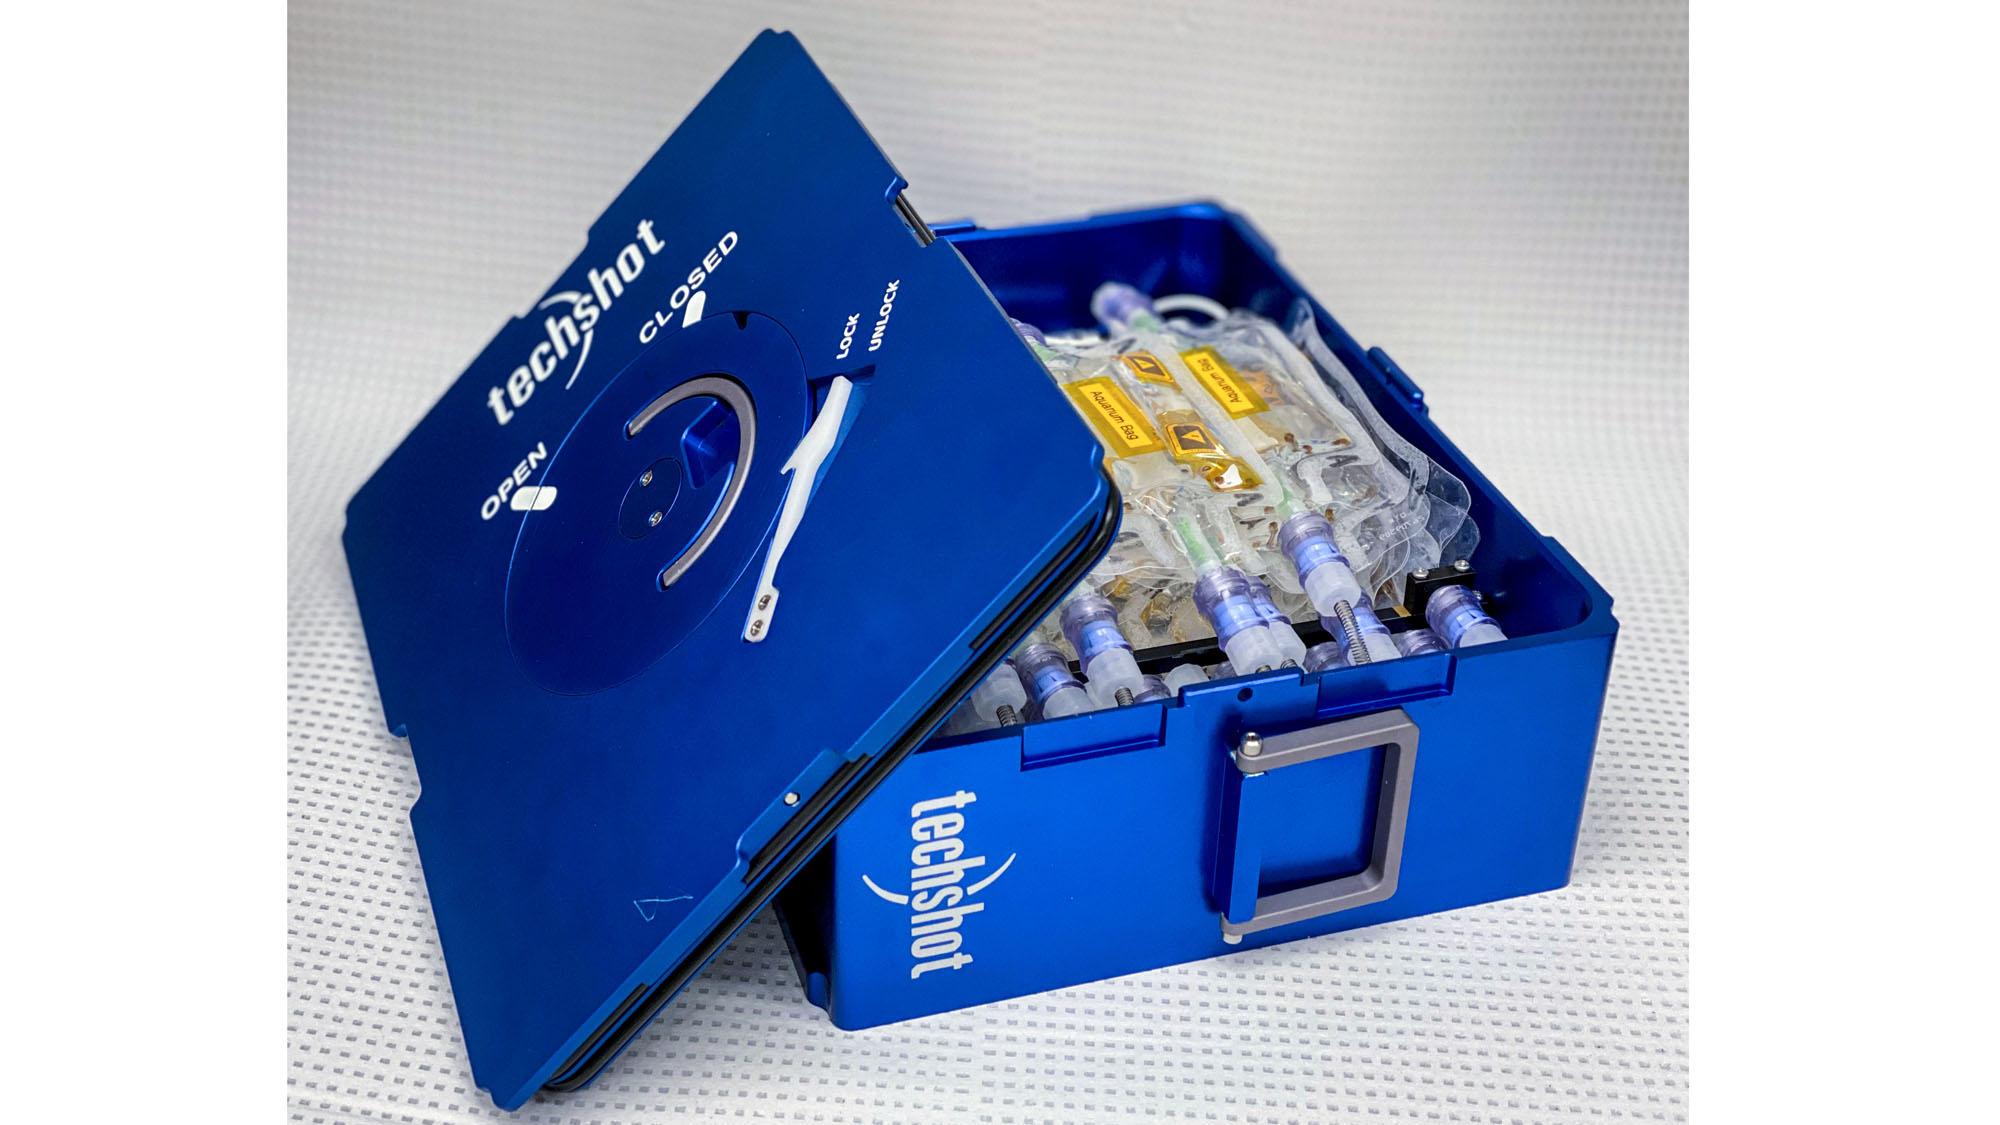 Une image d'une cassette de traitement de fluide, qui sera chargée avec de petits sacs d'aquarium contenant le bébé calmar bobtail.